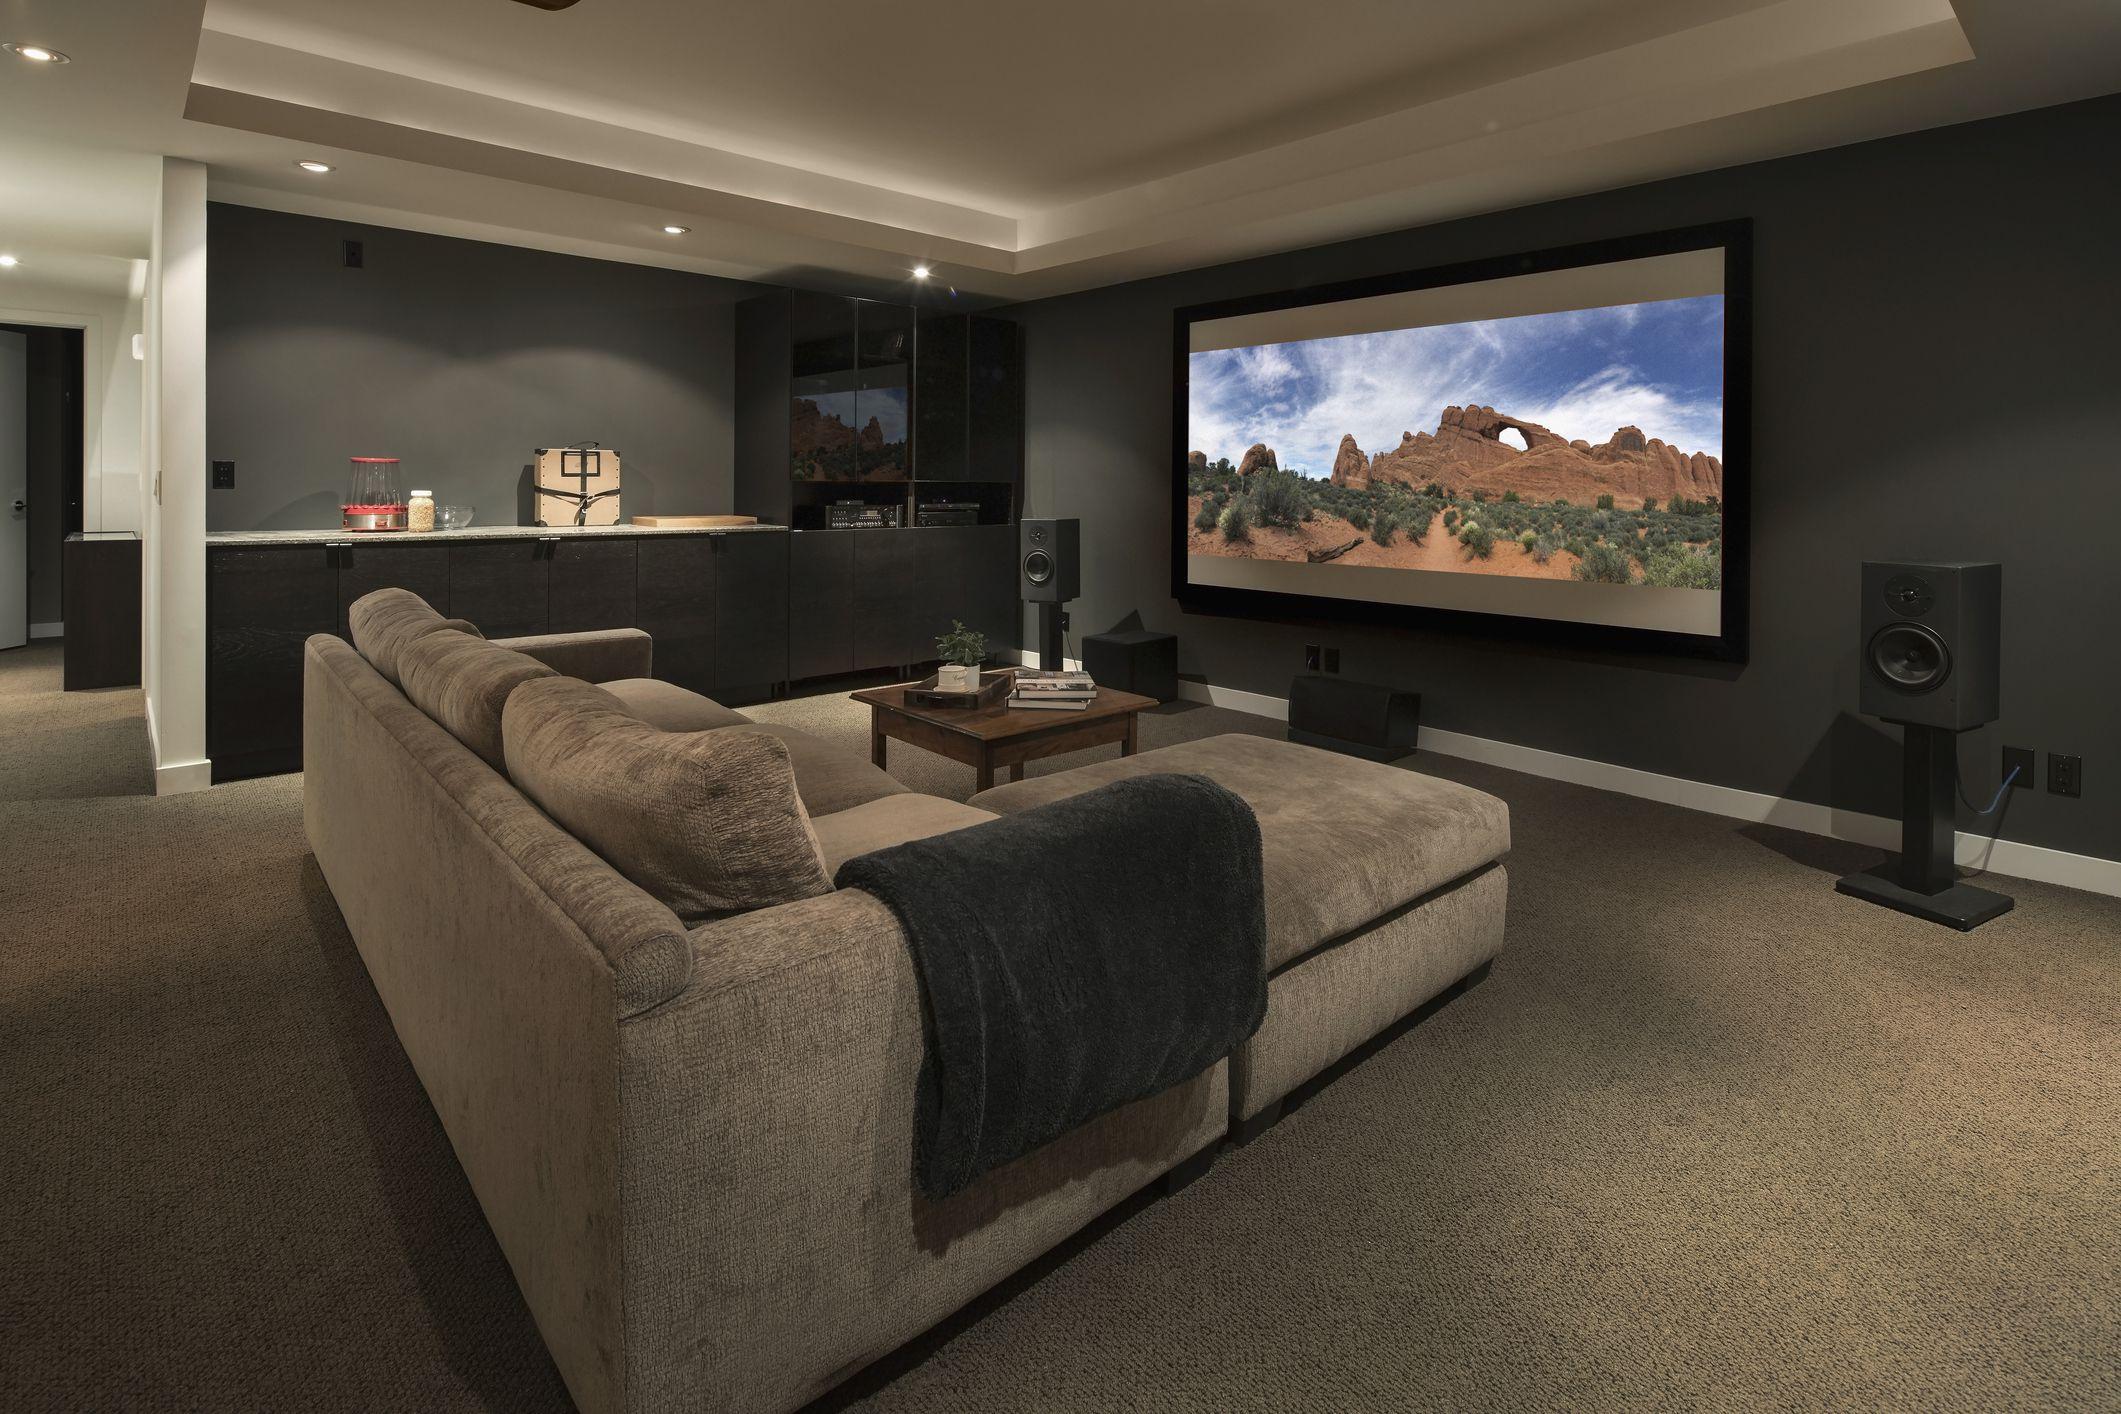 Sala de cinema em casa